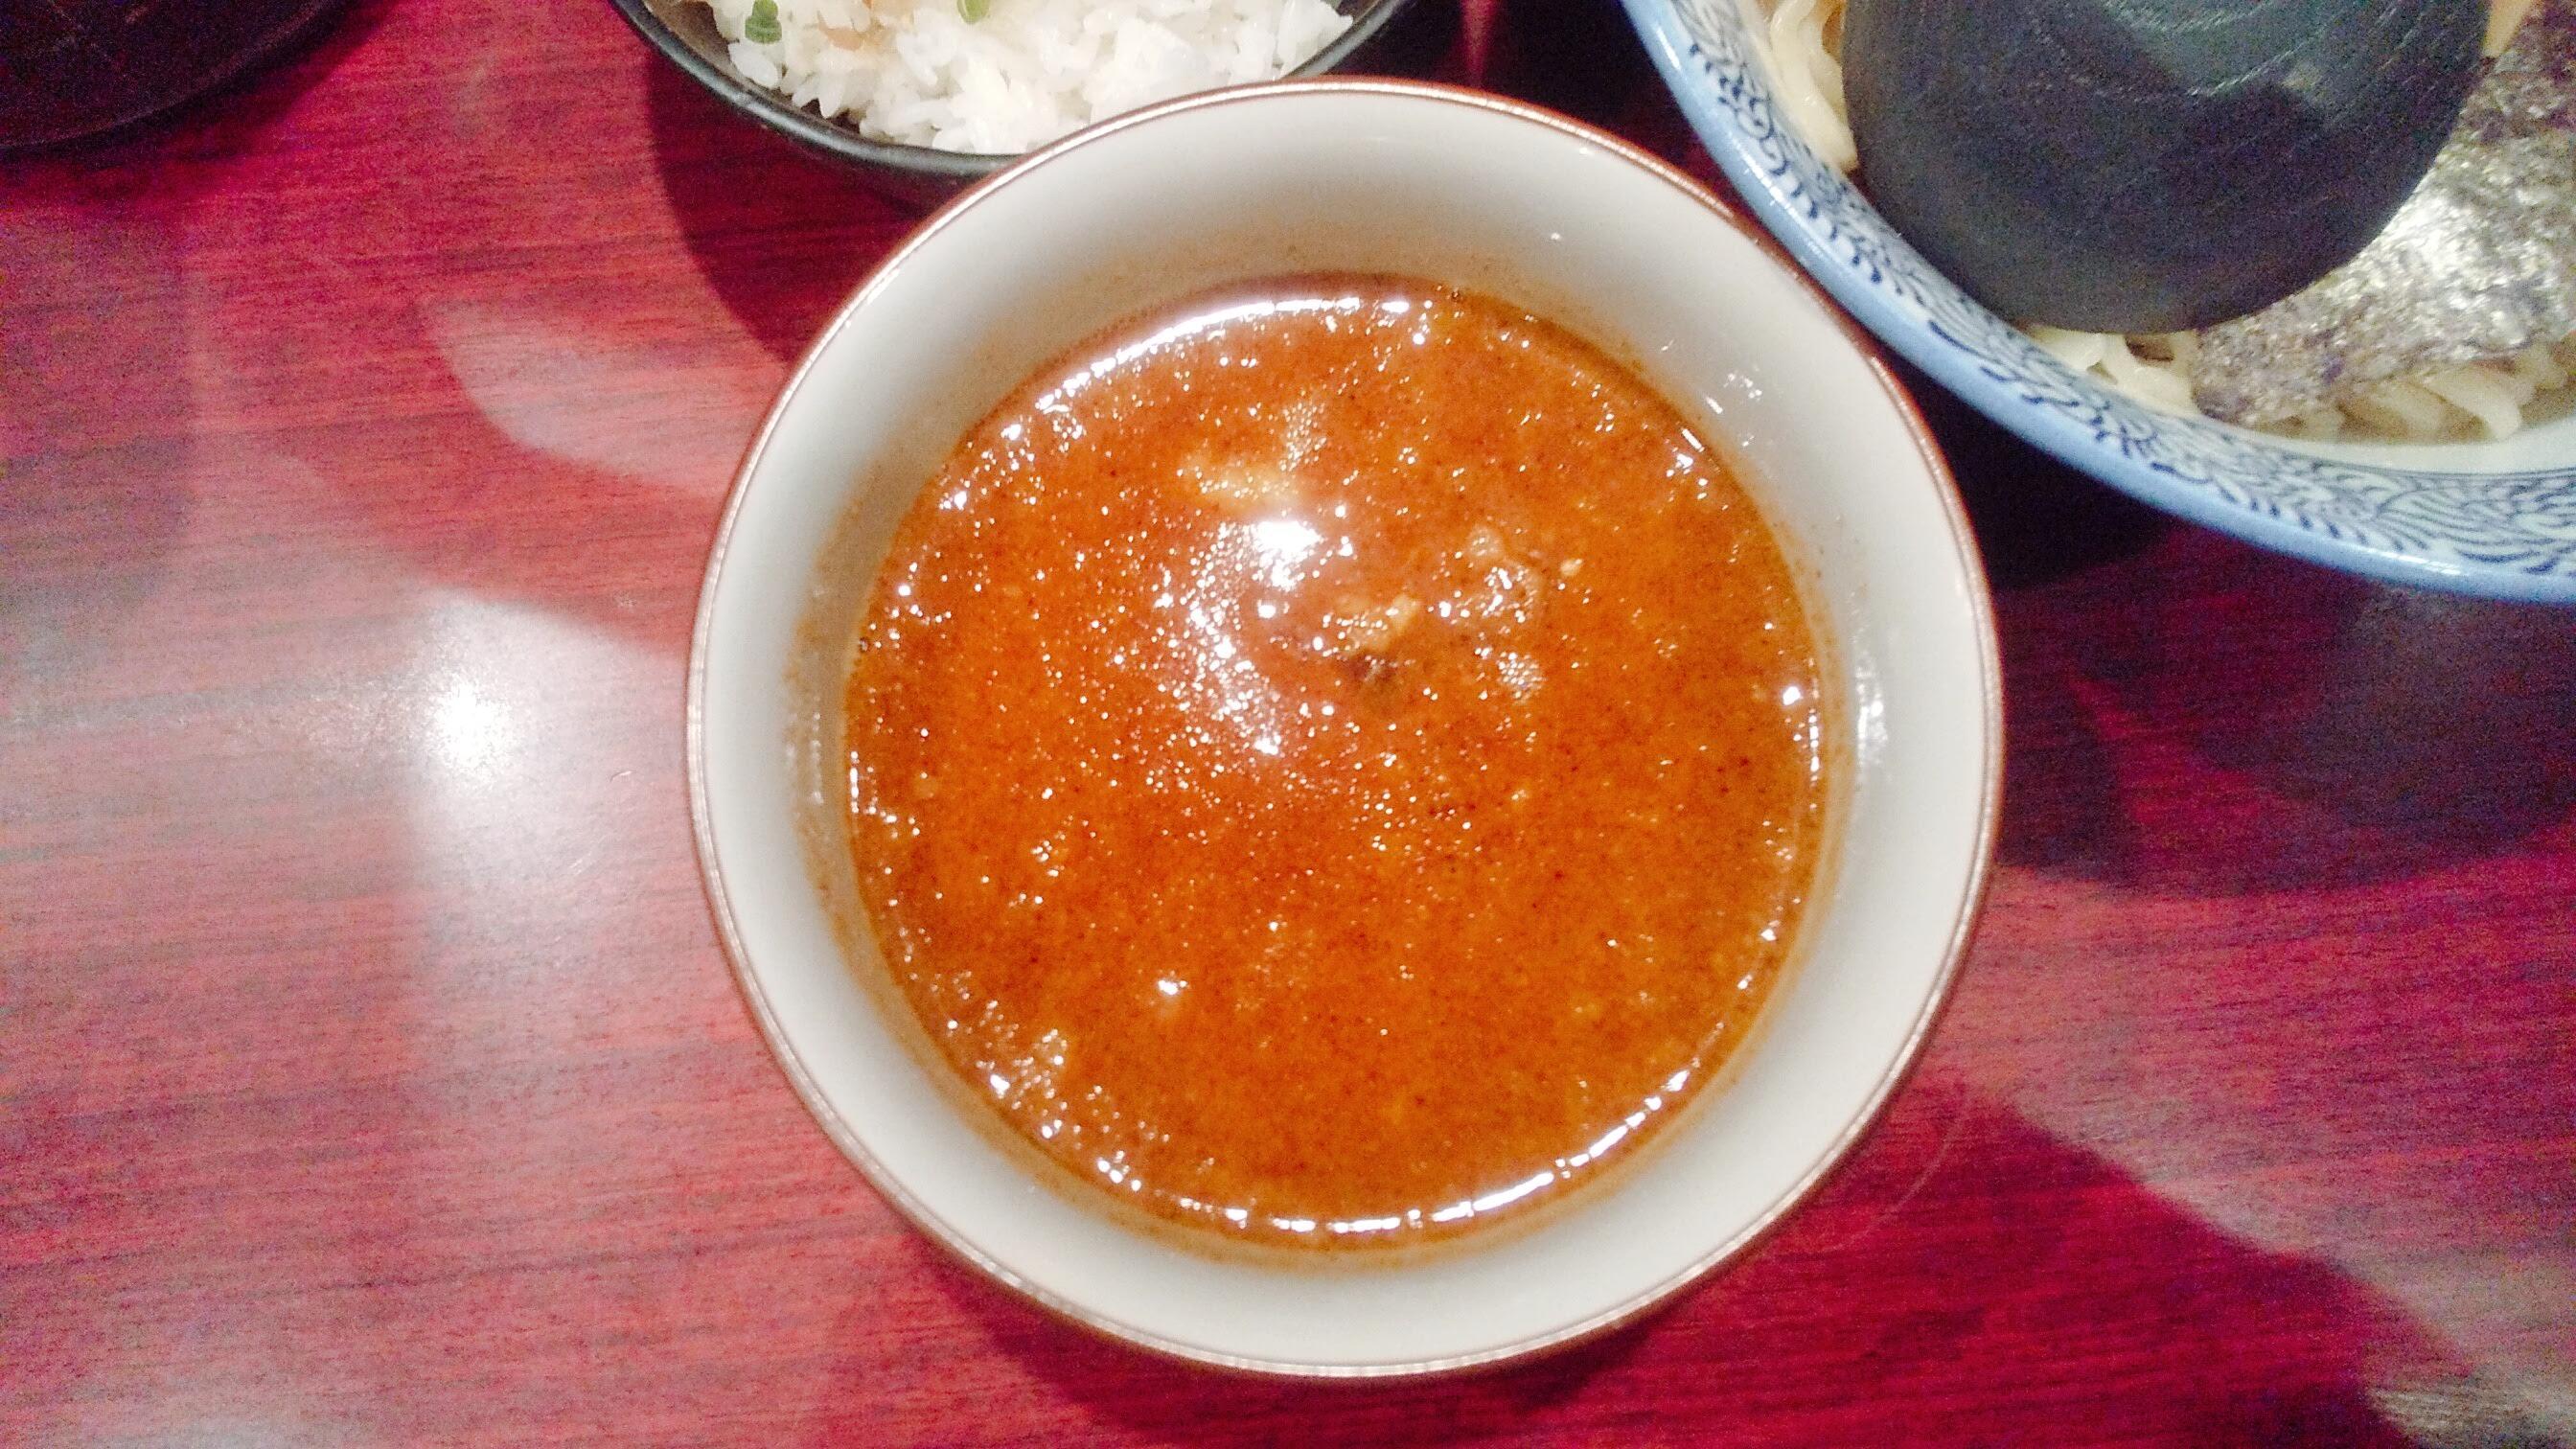 久楽の朝つけ麺セットのつけ汁の写真